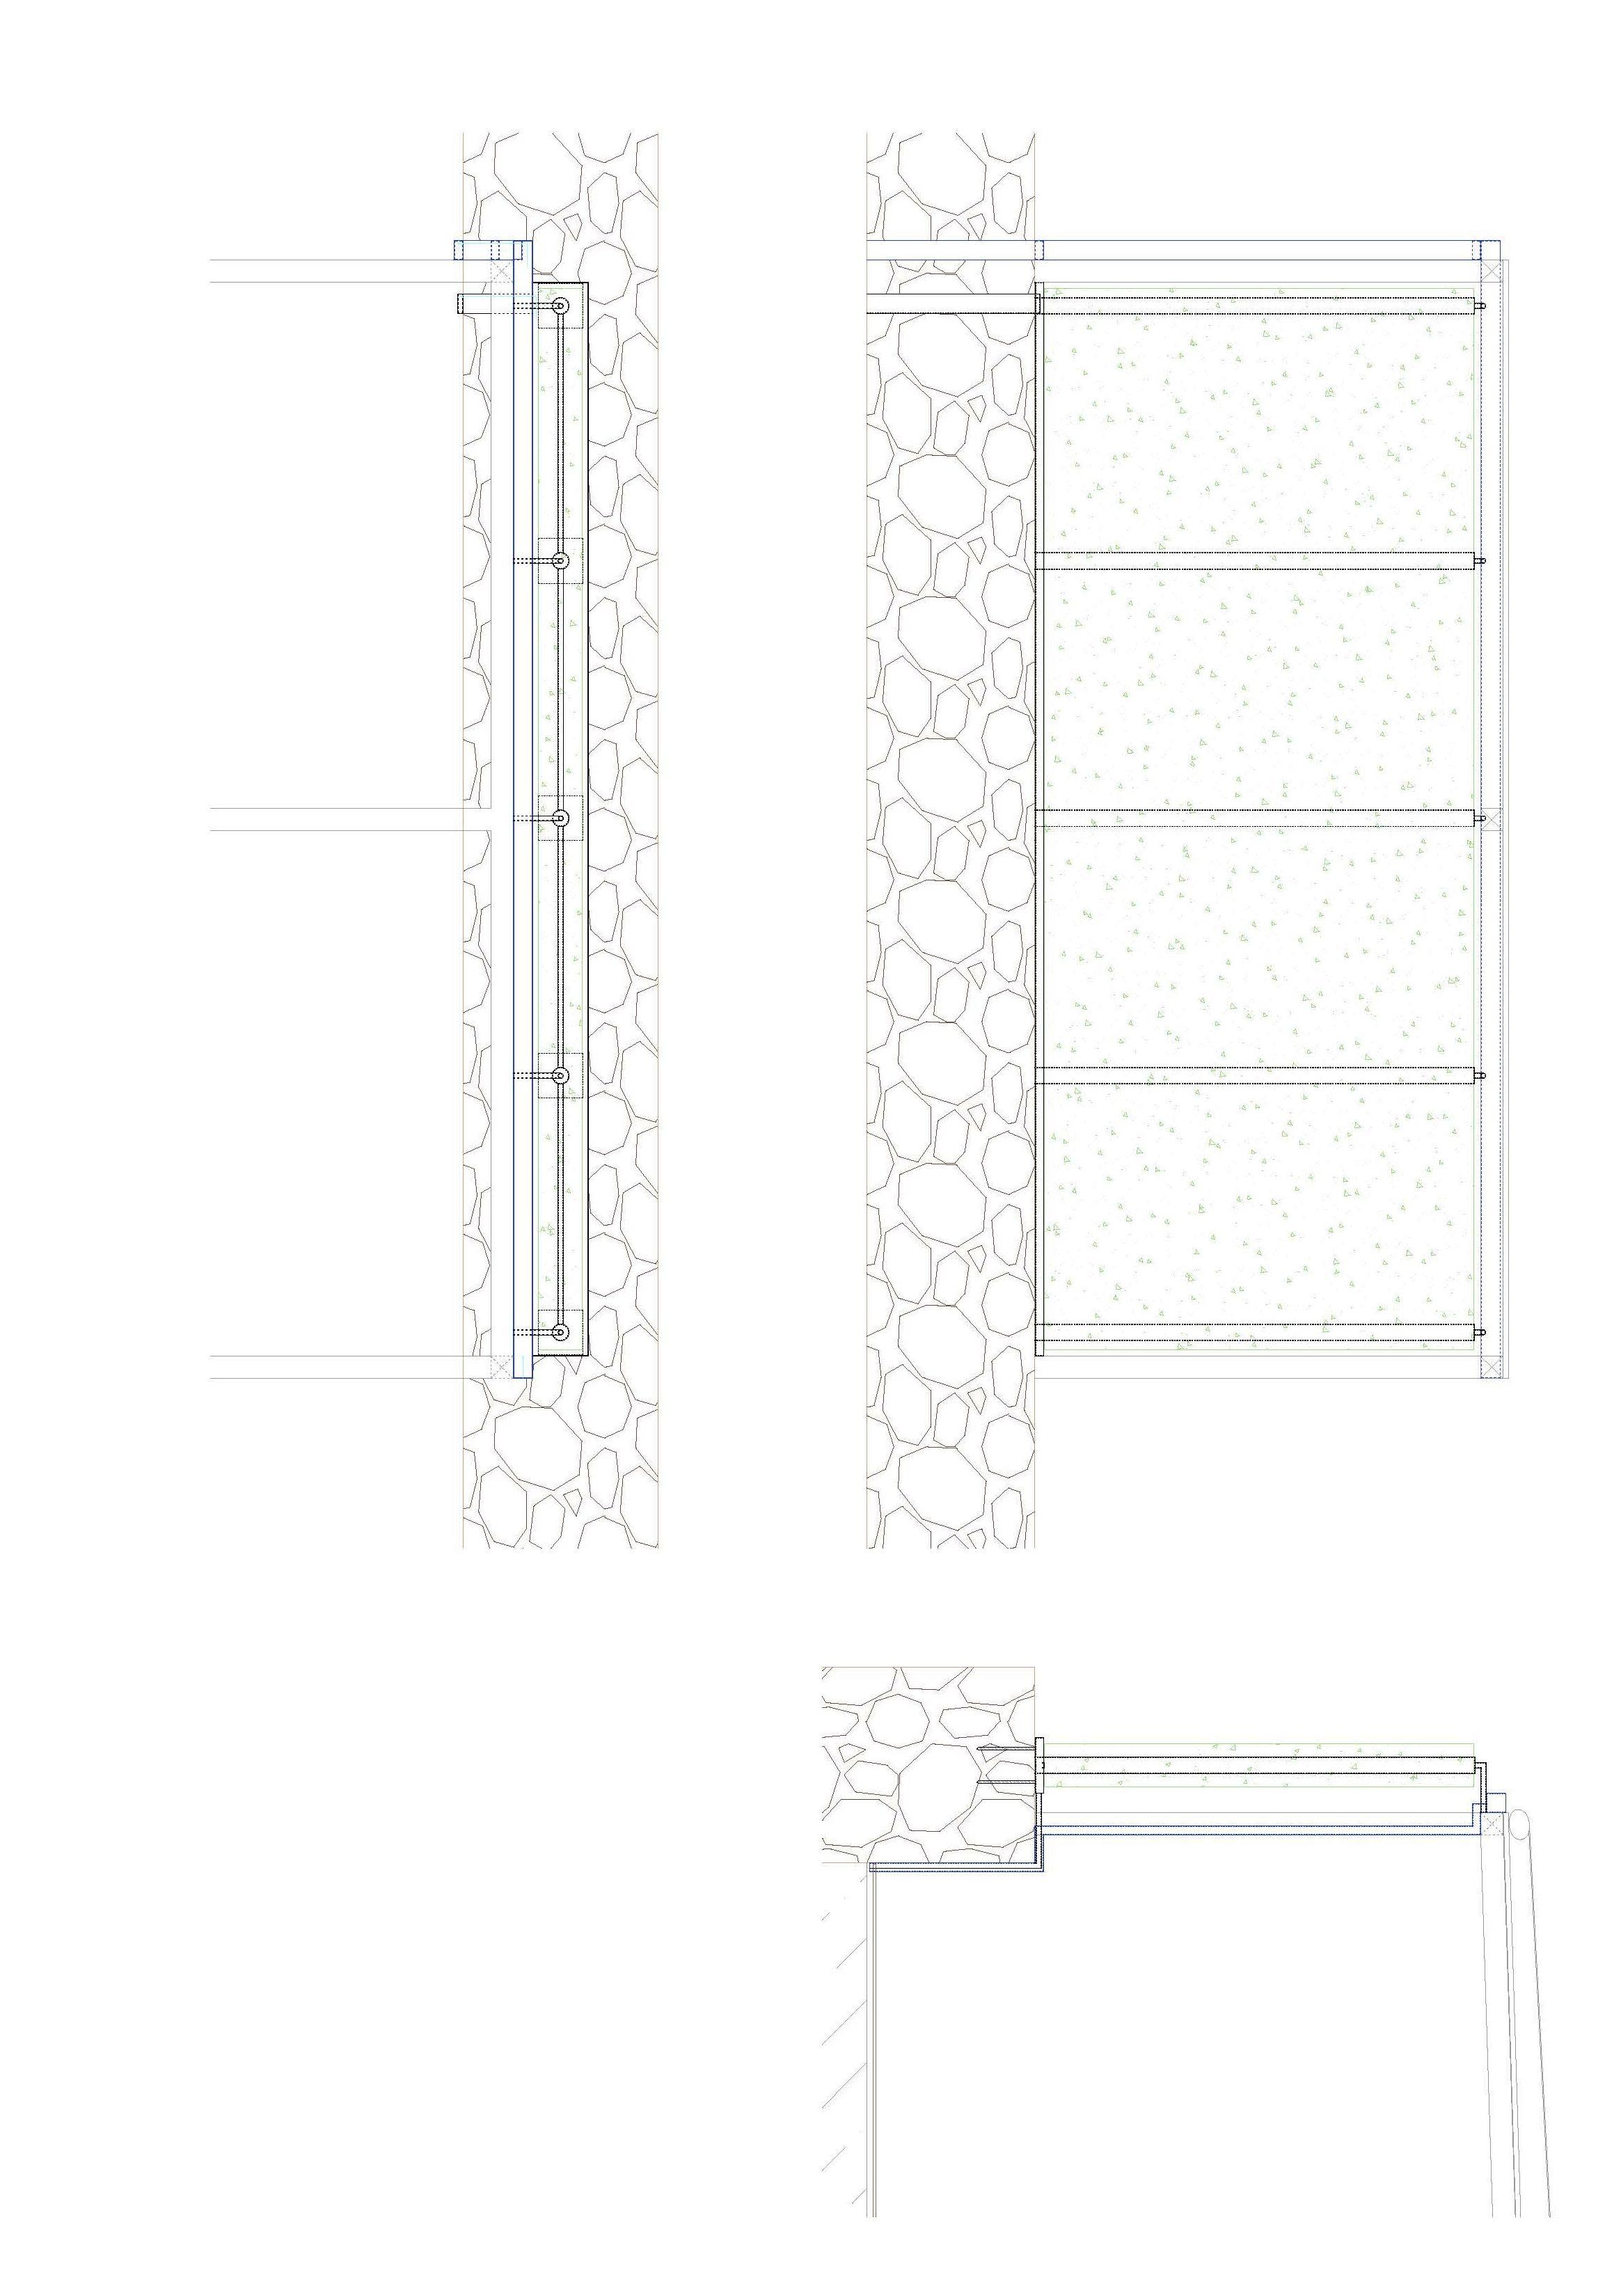 Plano de estructura de jardín vertical